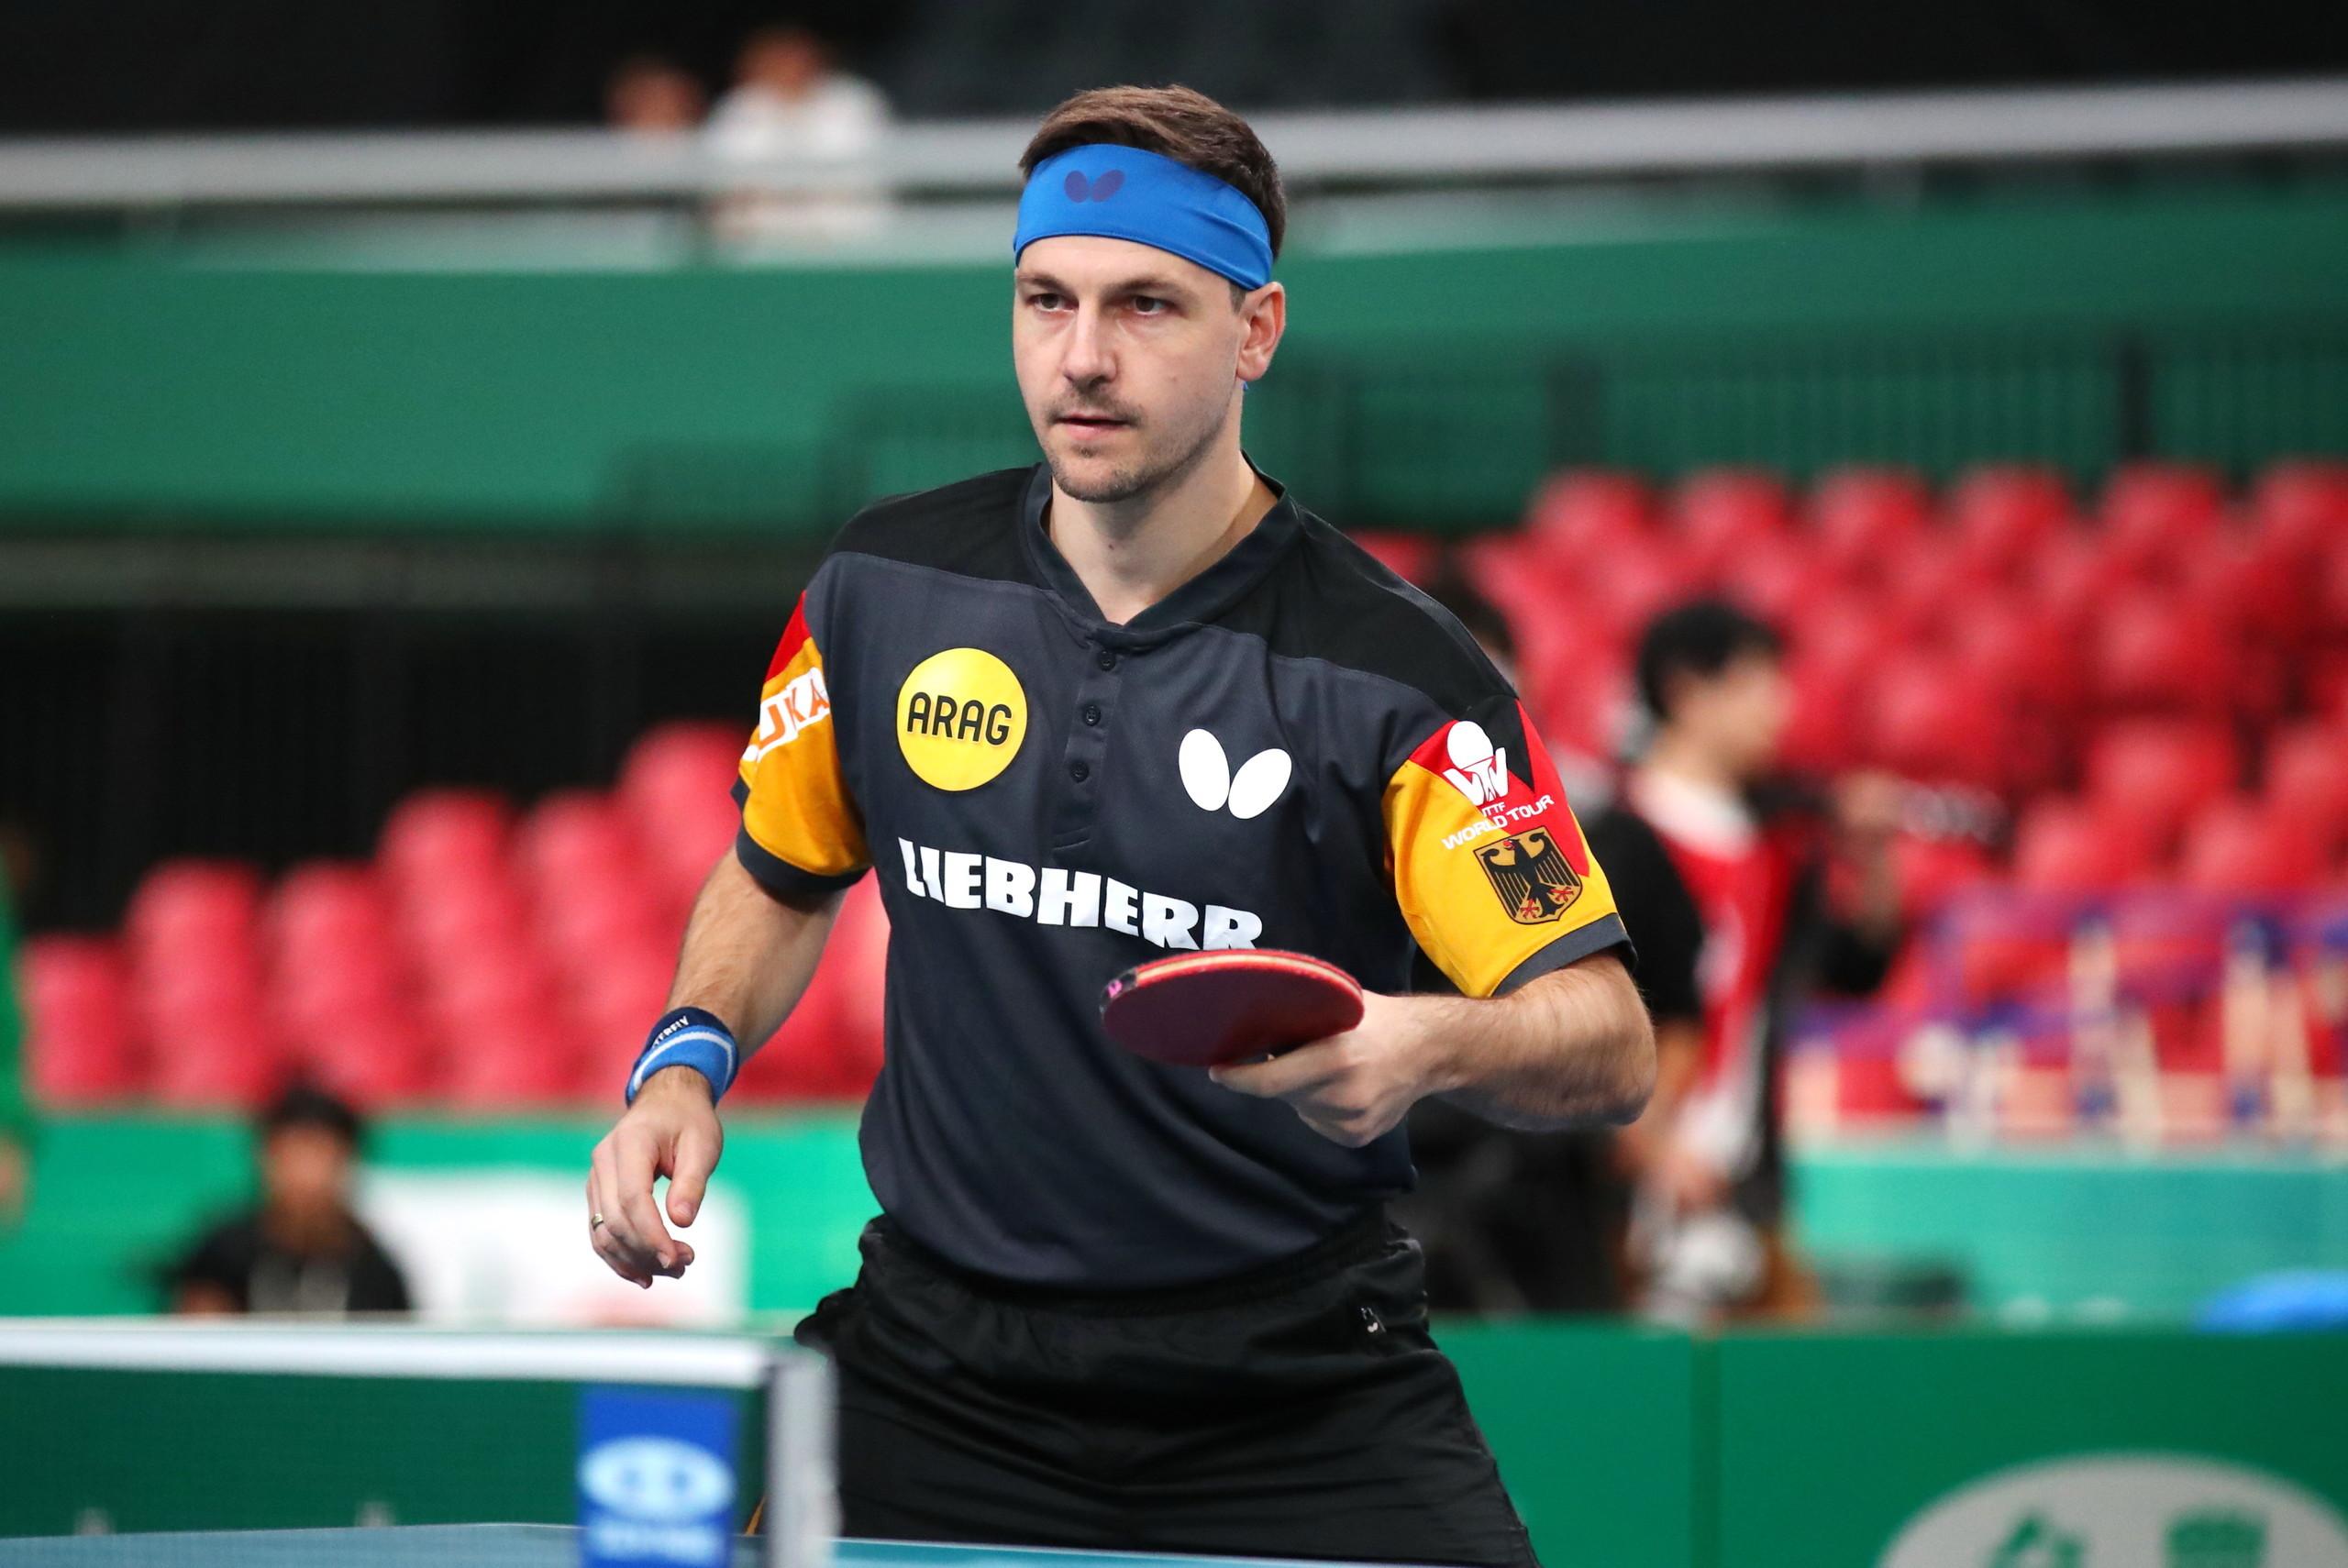 观点|全靠38岁的波尔奋战,欧洲乒乓球为什么不行了?_中欧新闻_欧洲中文网